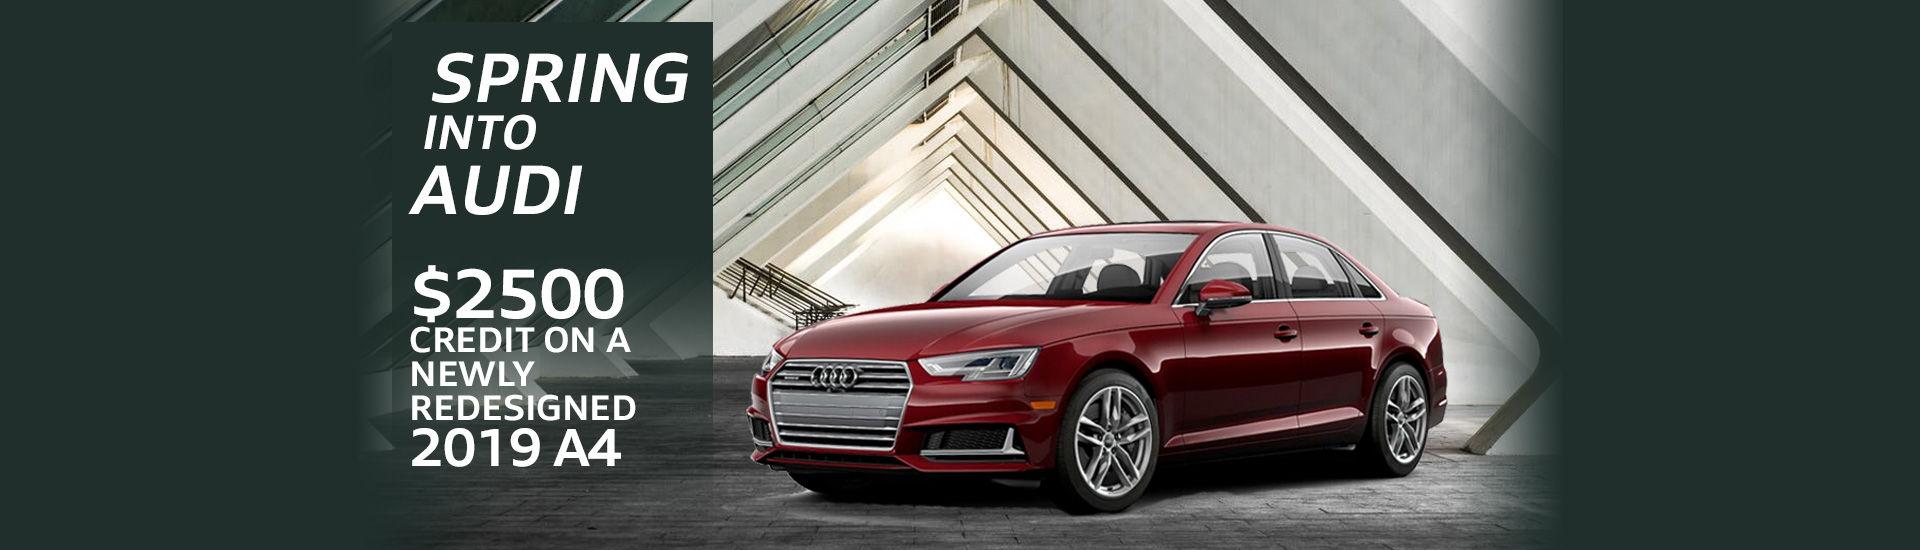 Spring into Audi (Desktop)